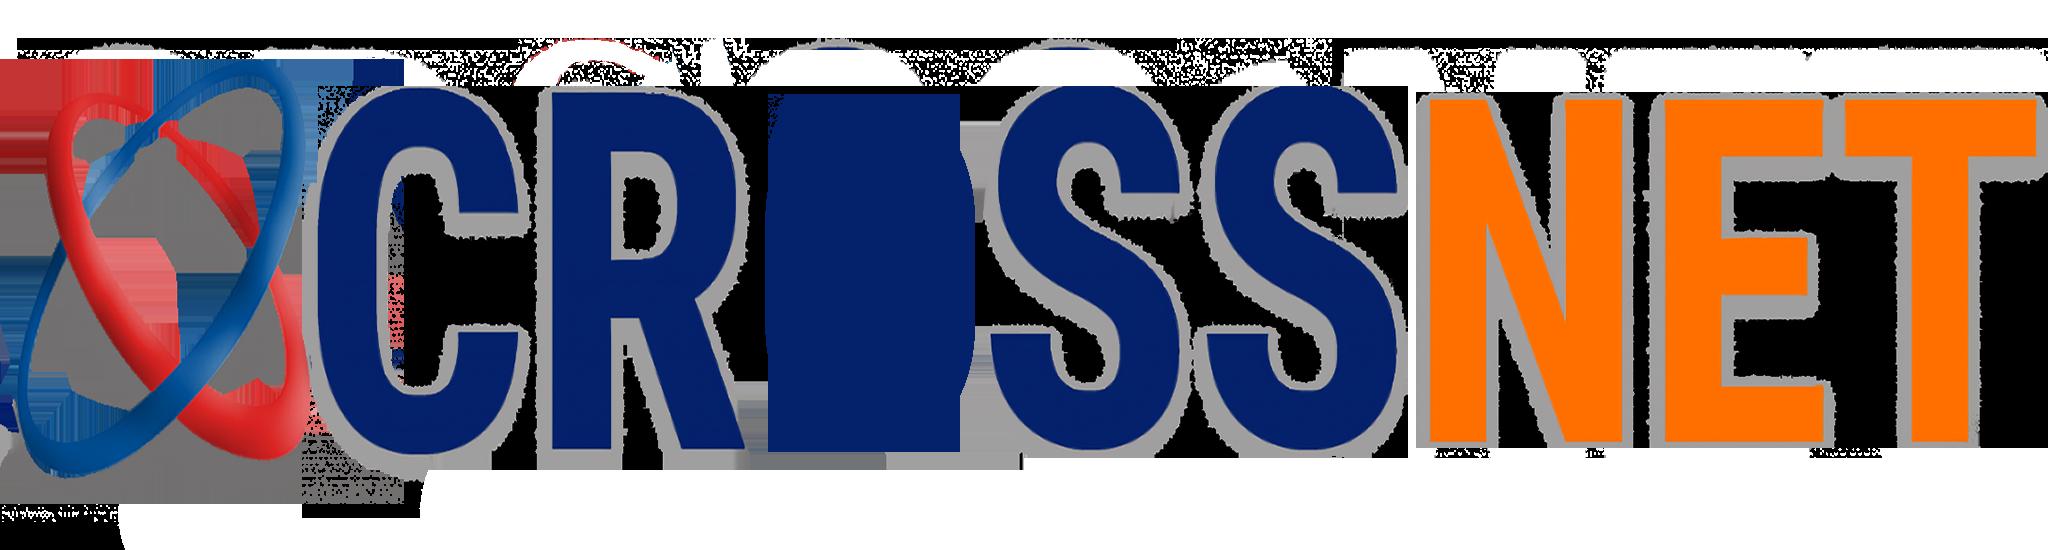 Crossnet